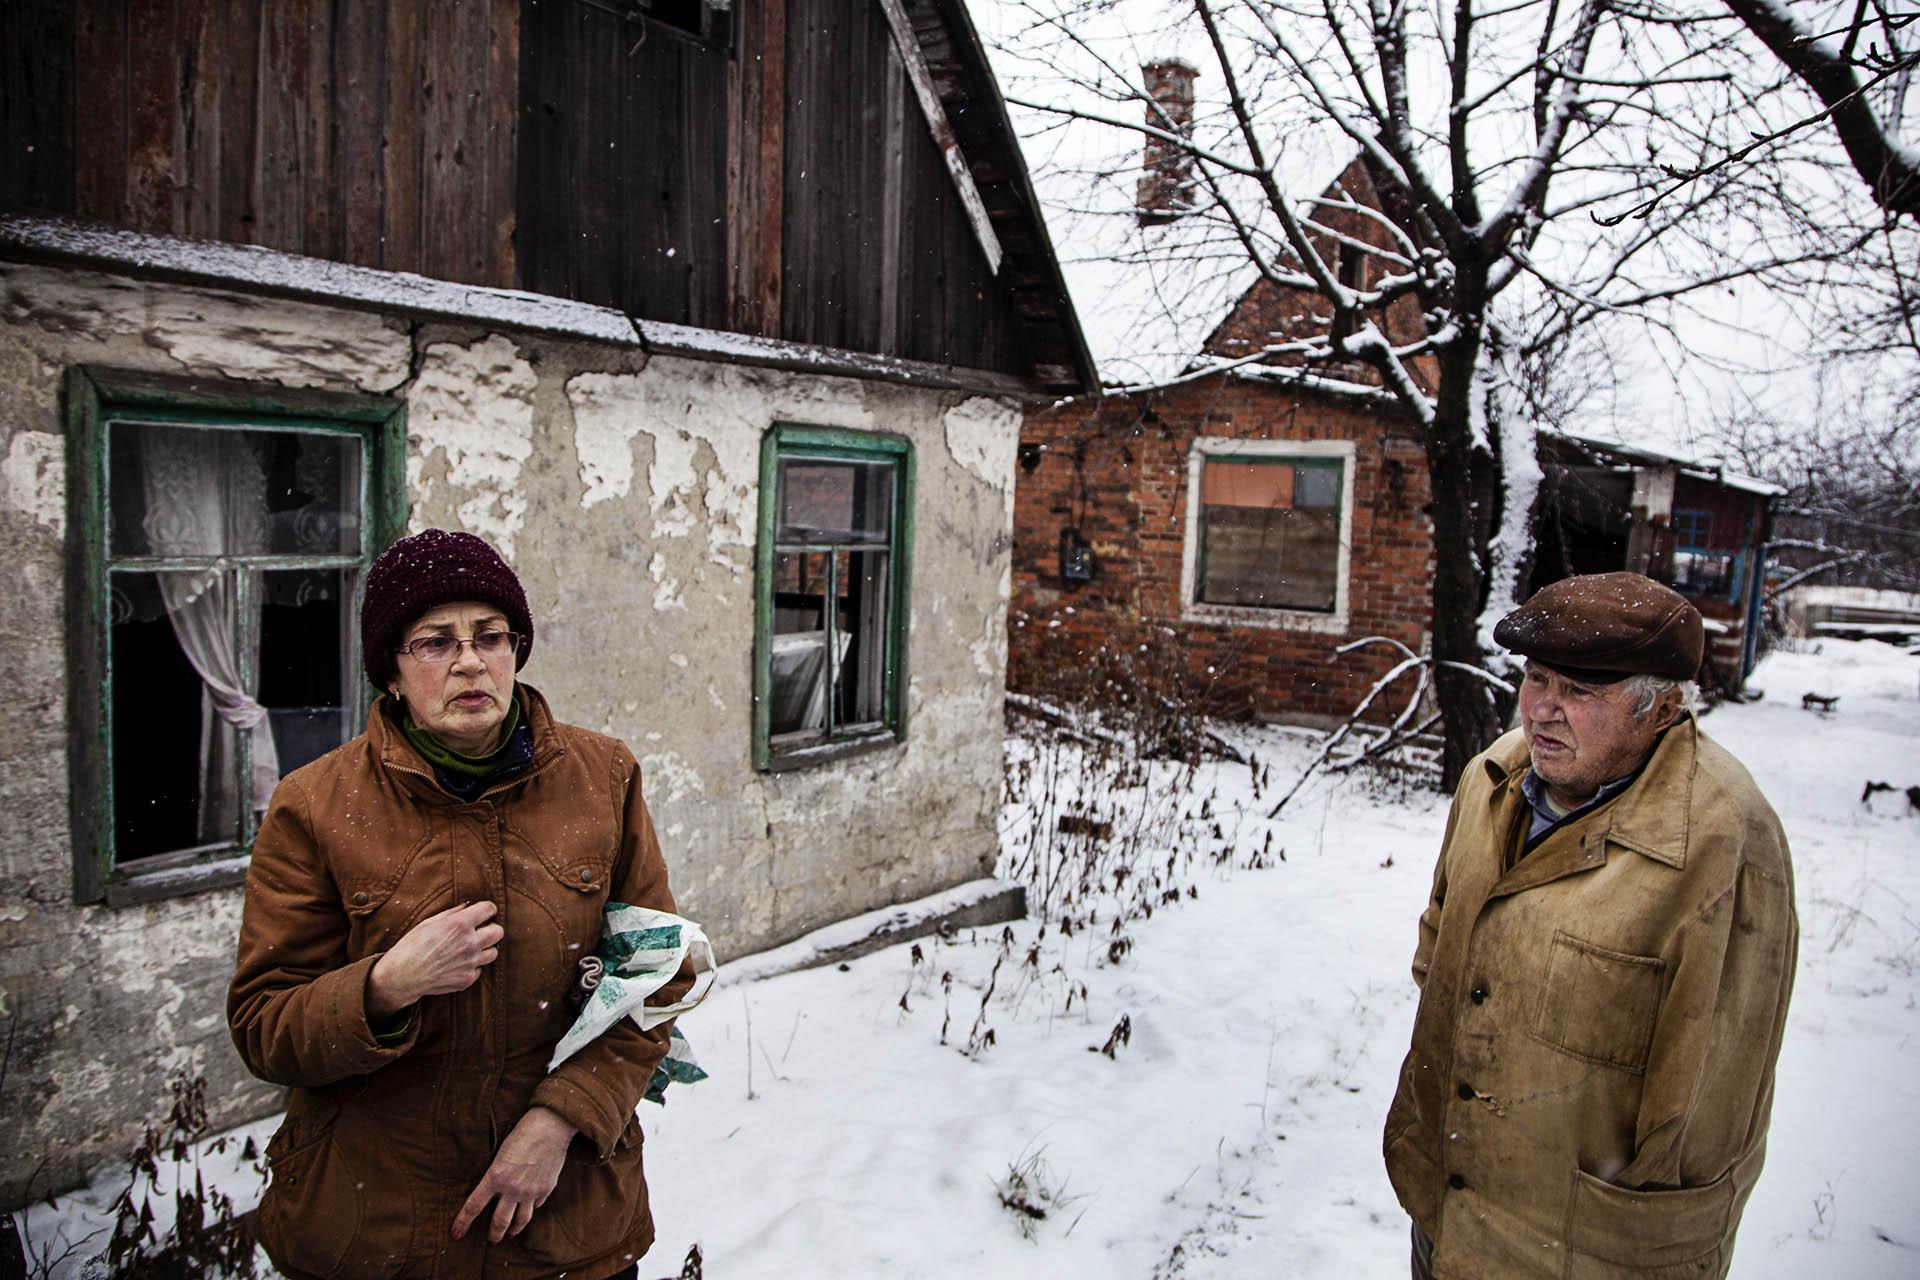 Dos civiles que continúan viviendo en su casa en la línea de frente que separa a los dos ejércitos, a pesar del peligro. No tienen a donde escapar.